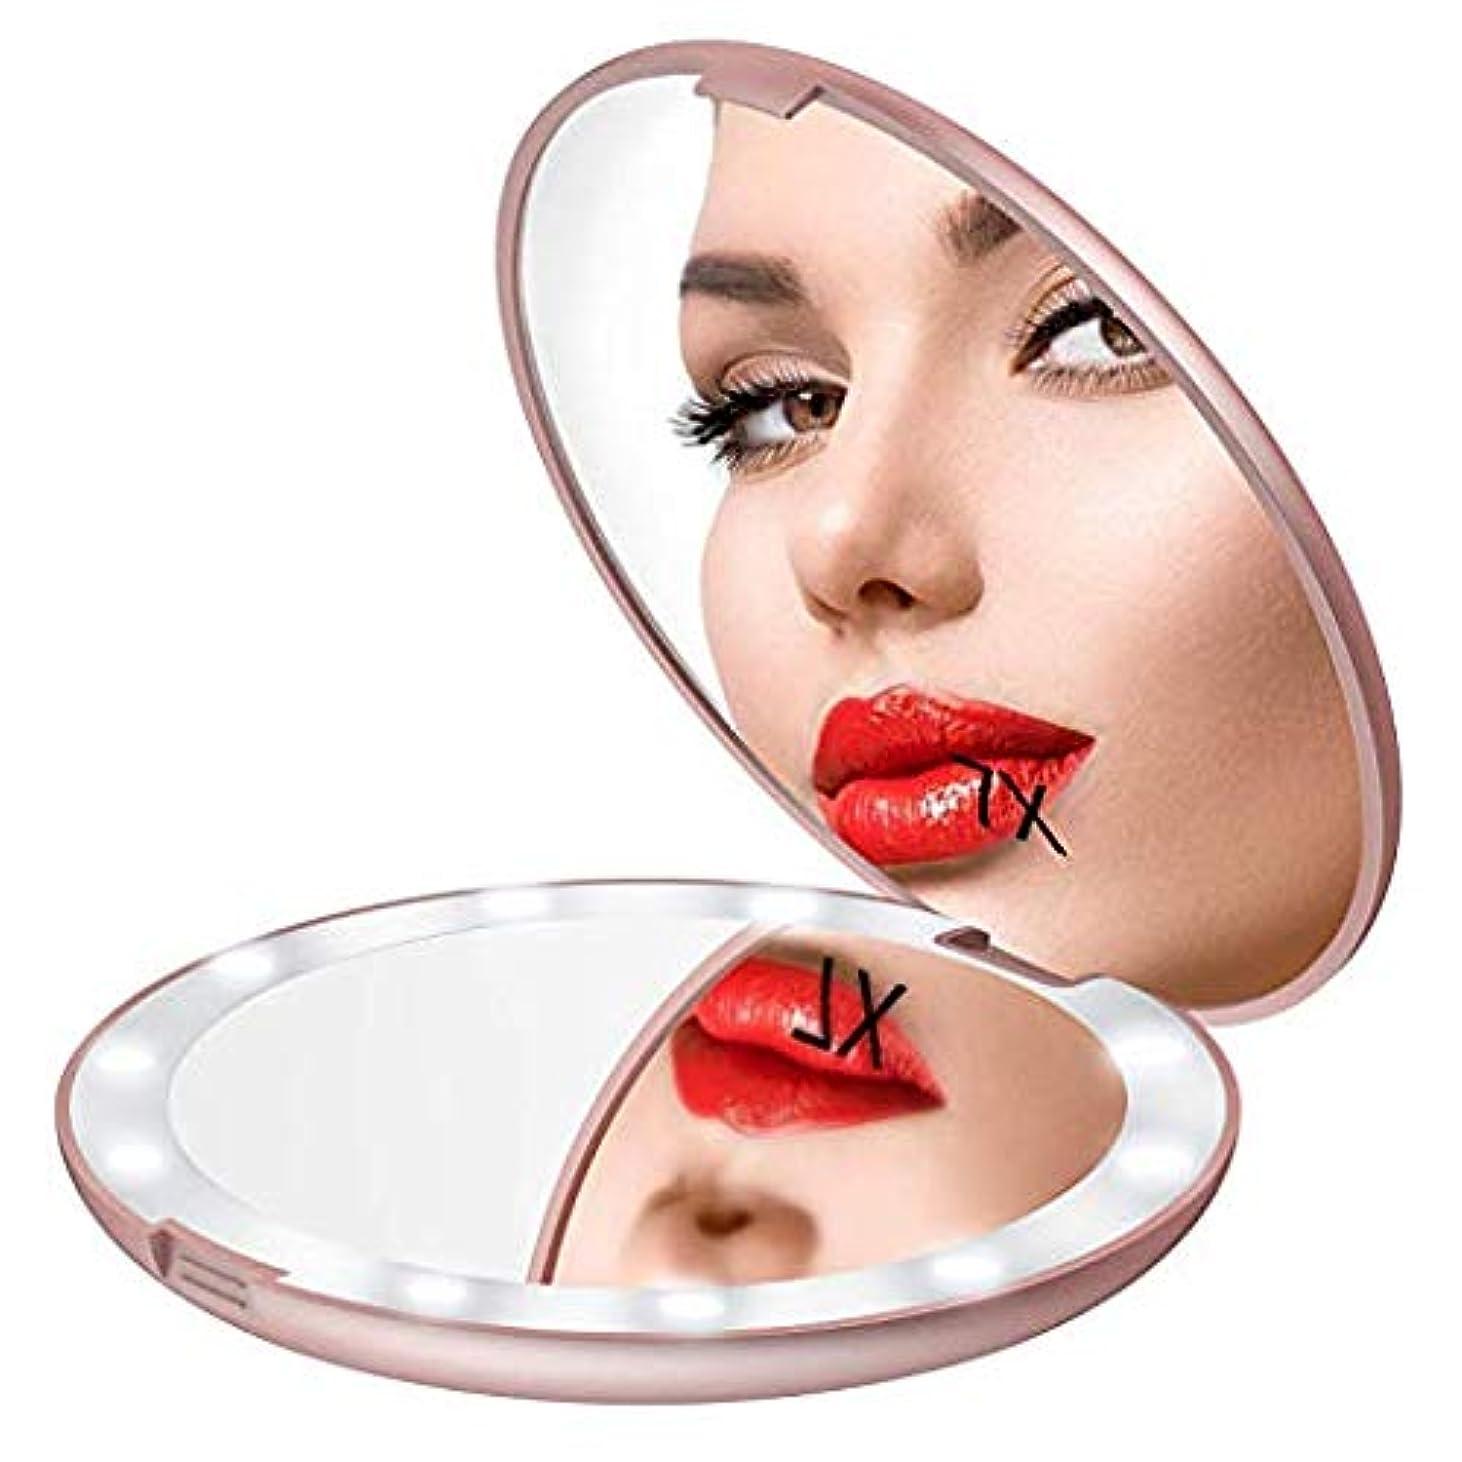 平凡背景保証金Gospire 化粧鏡 7倍拡大鏡 携帯ミラー 化粧ミラー LEDライト 手鏡 折りたたみ式 コンパクト 角度調整可 (ピンクゴールド)